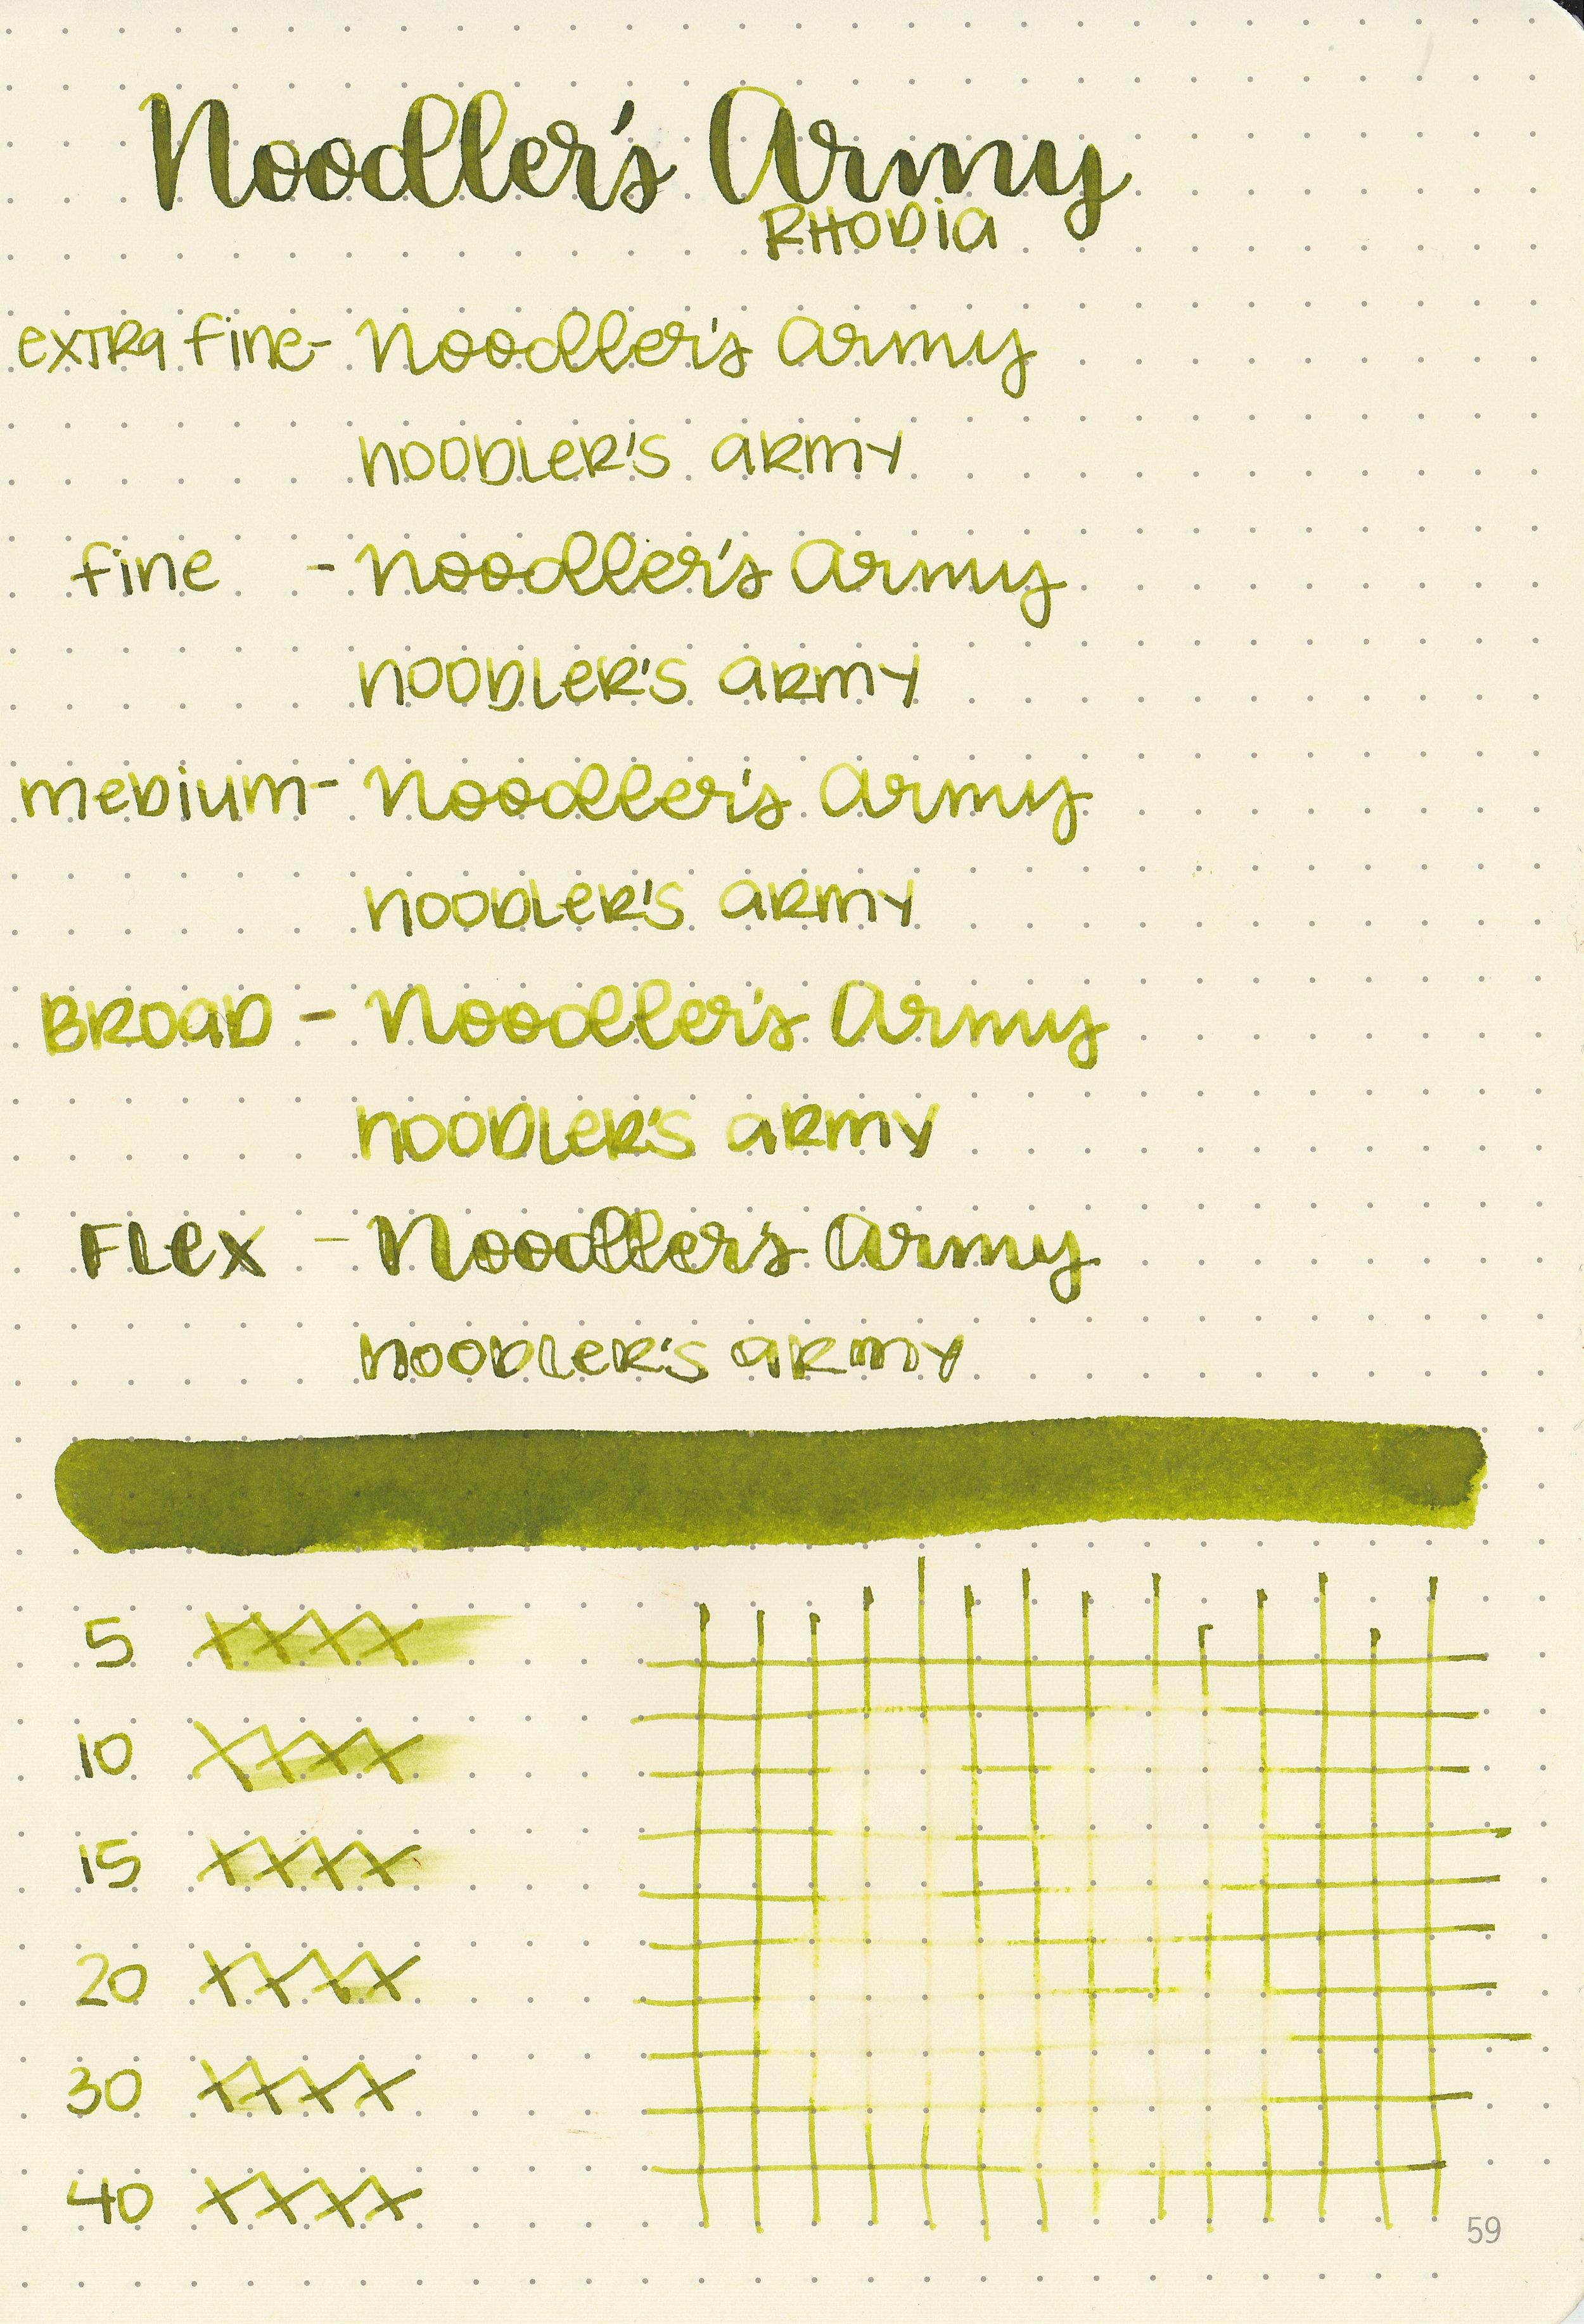 nood-army-4.jpg